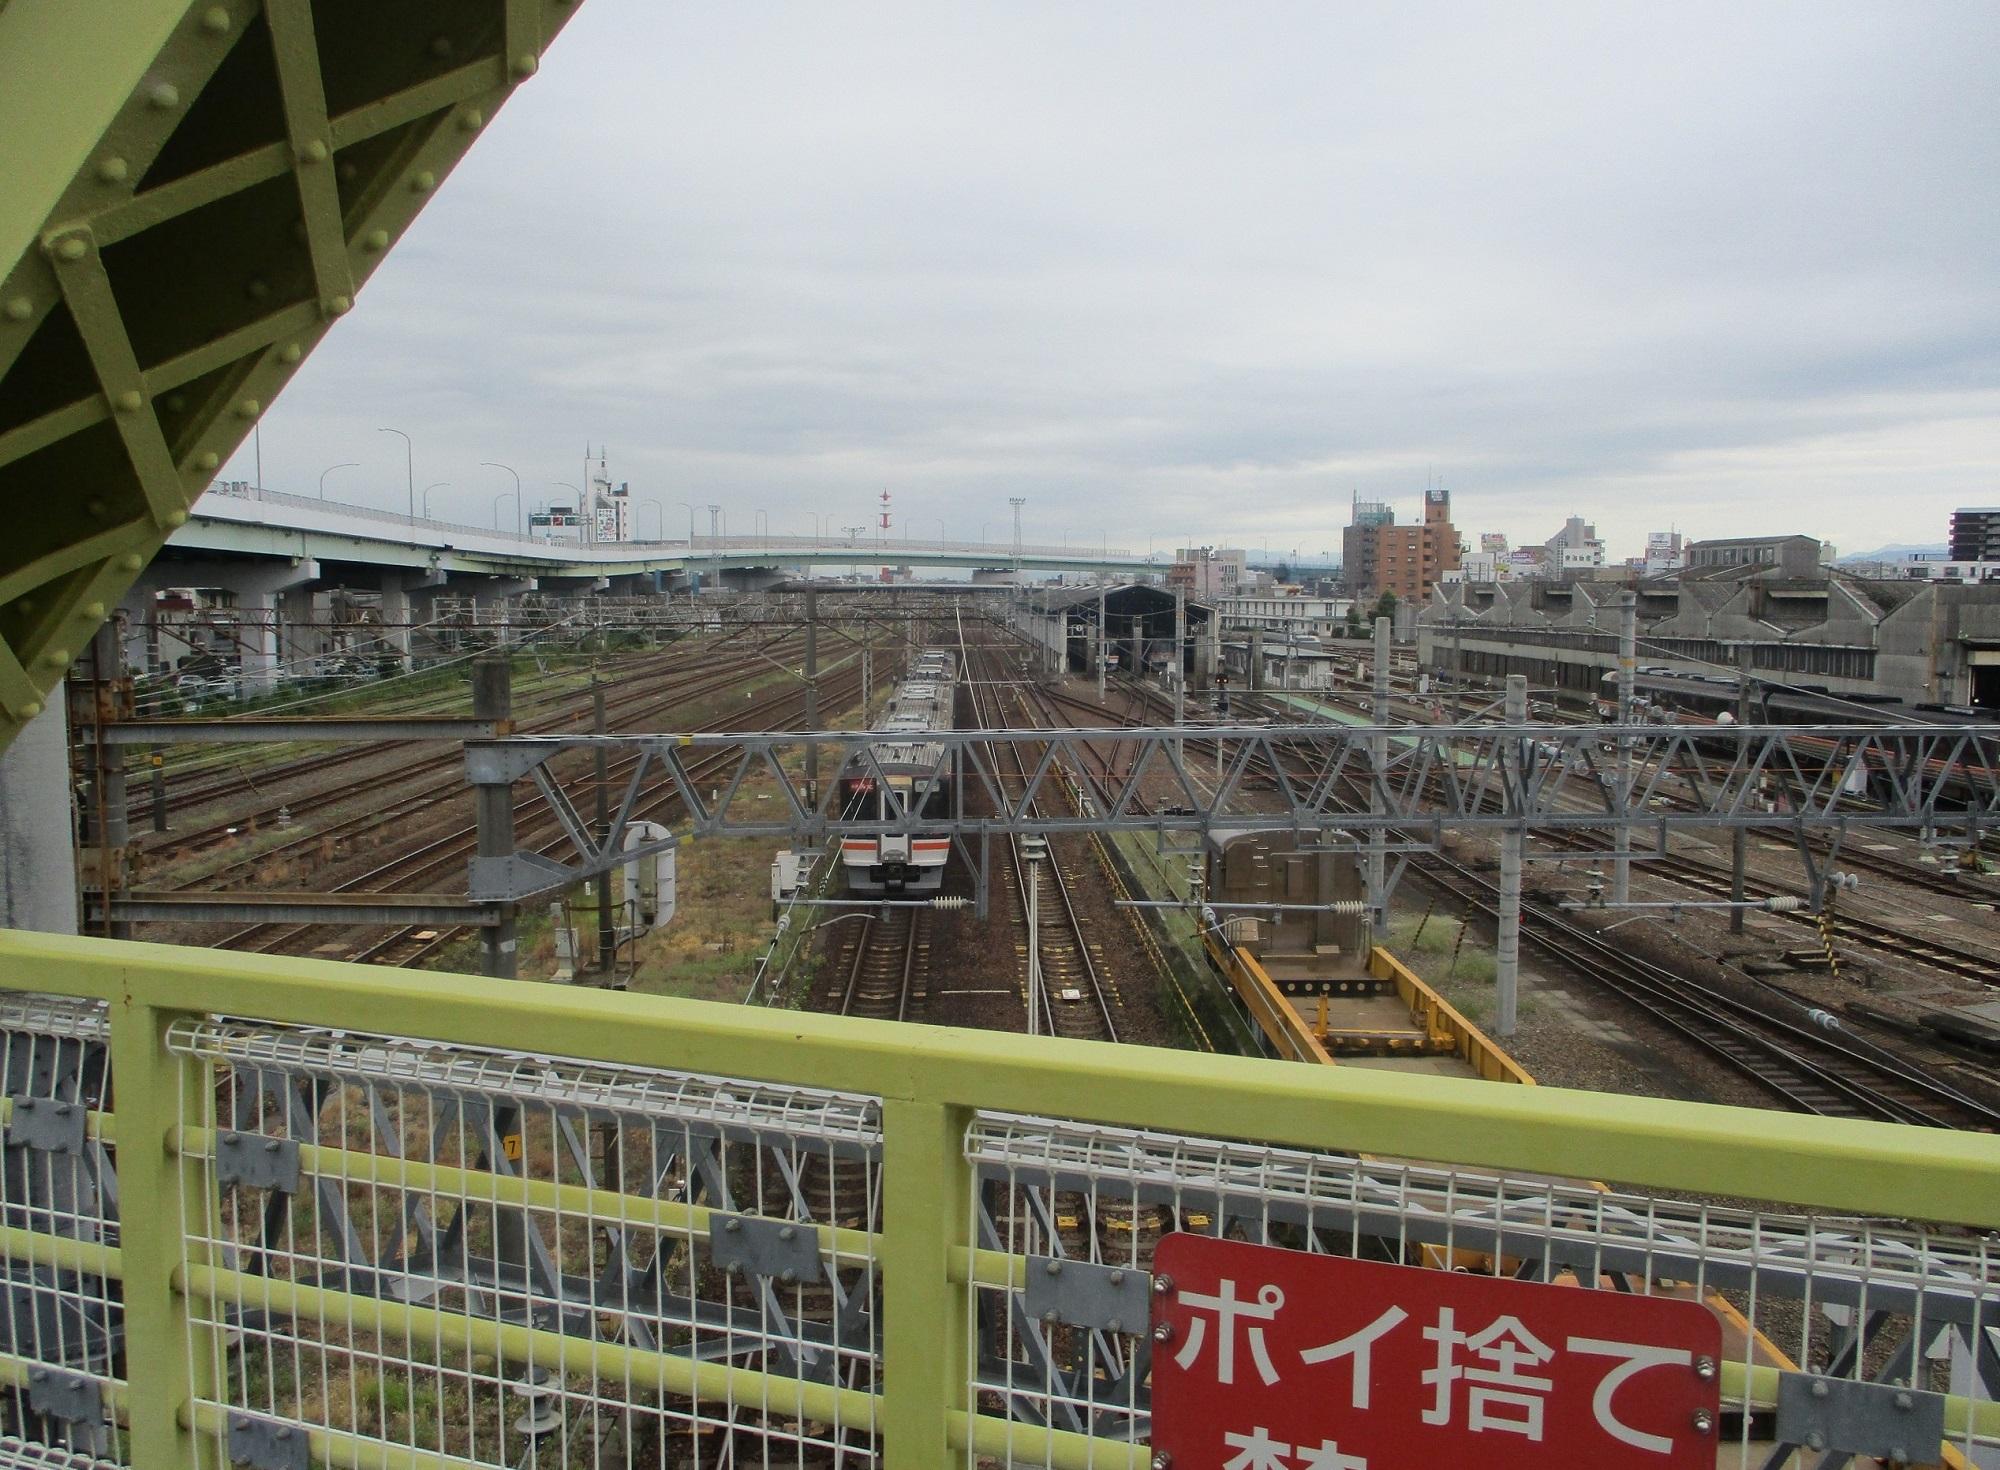 2019.9.18 (43) 向野橋 - 鳥羽いき快速みえ 2000-1470